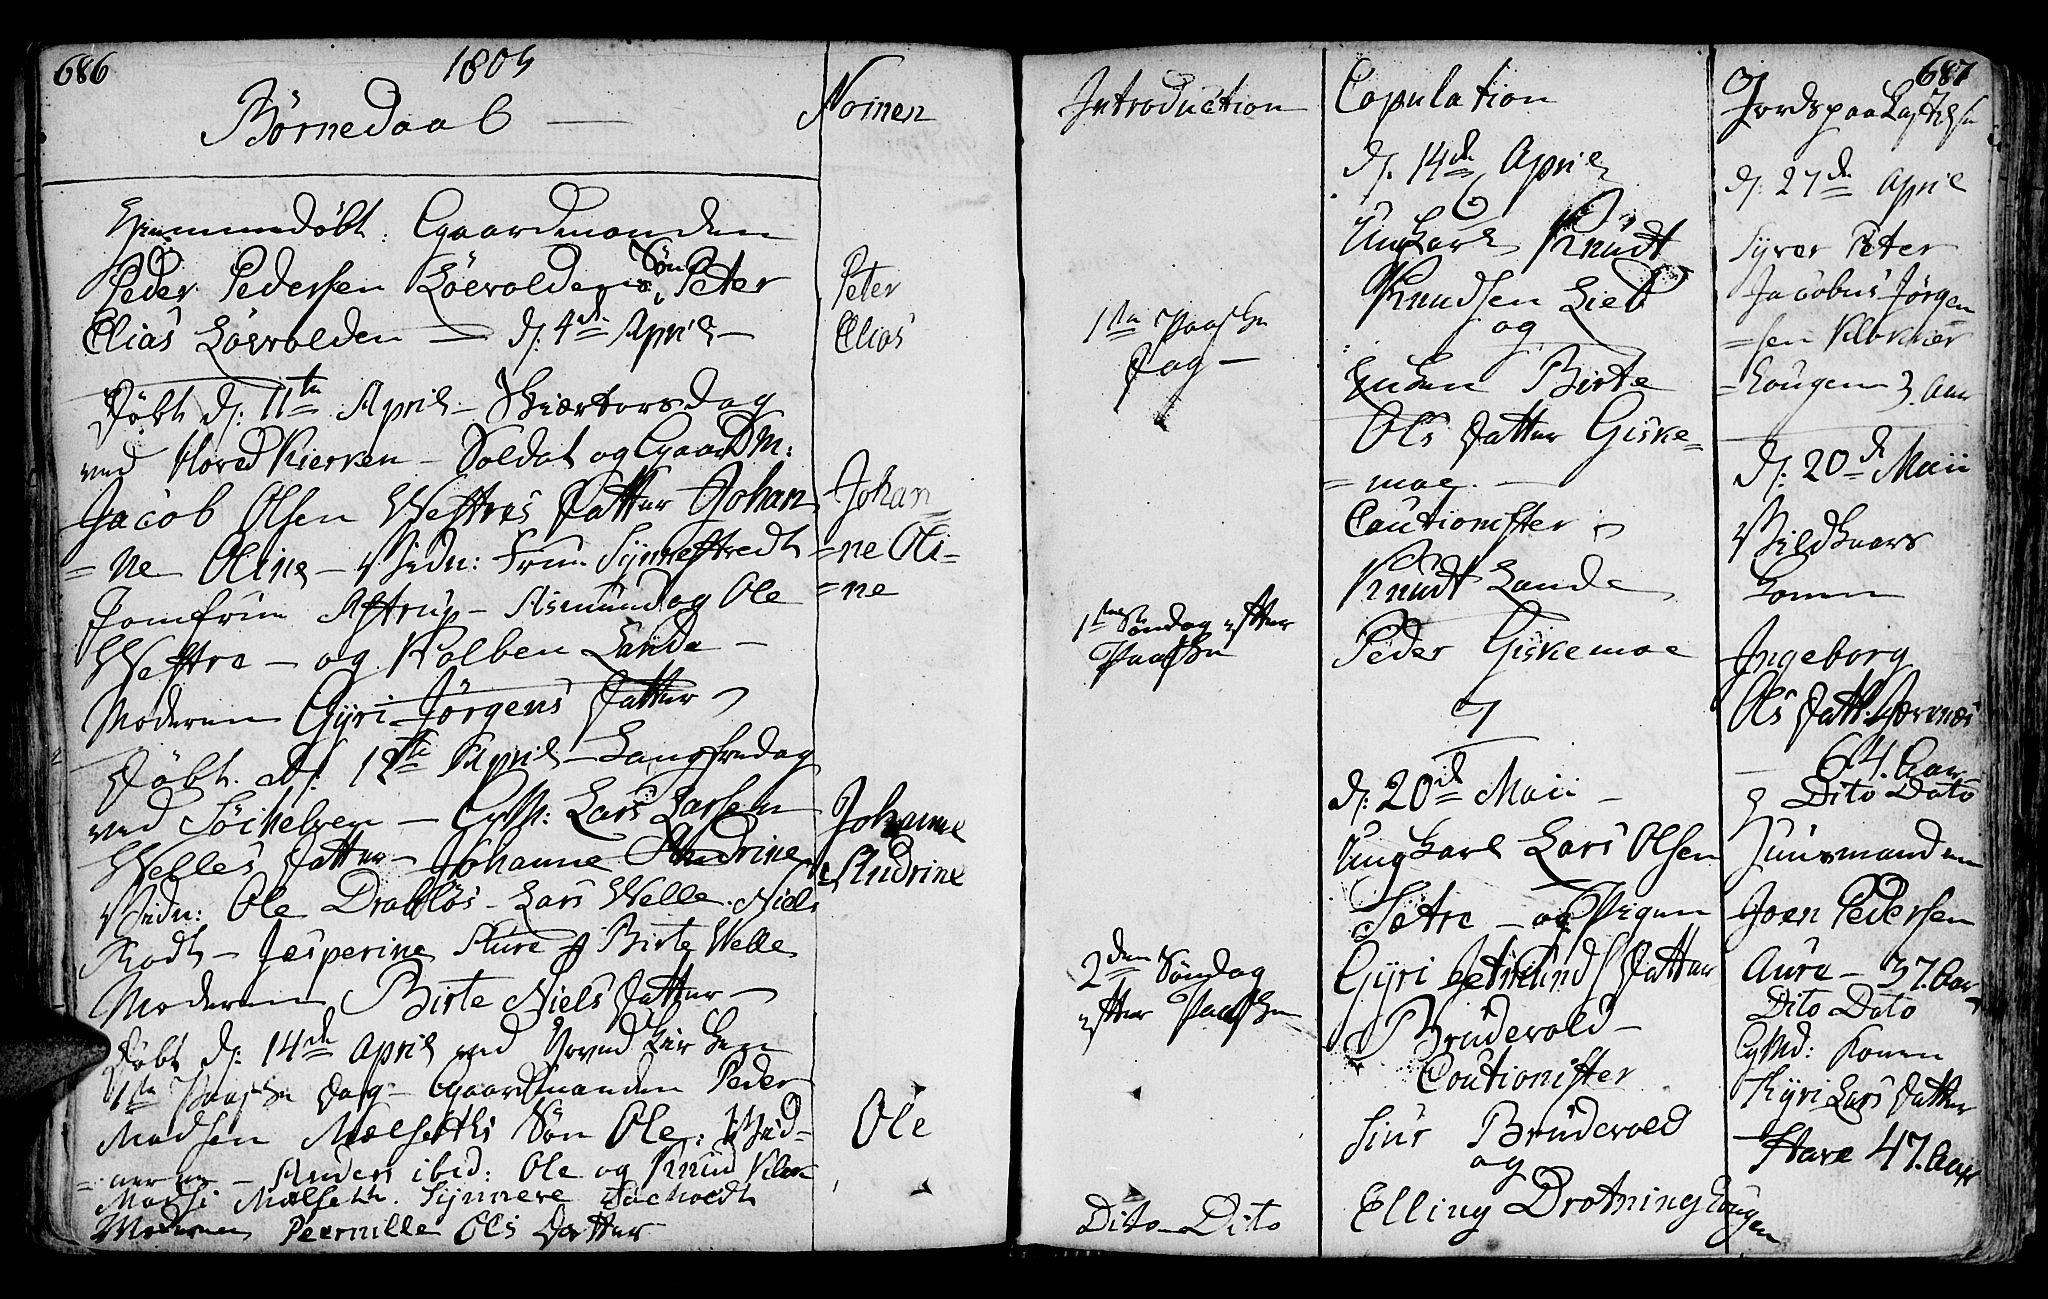 SAT, Ministerialprotokoller, klokkerbøker og fødselsregistre - Møre og Romsdal, 522/L0308: Ministerialbok nr. 522A03, 1773-1809, s. 686-687